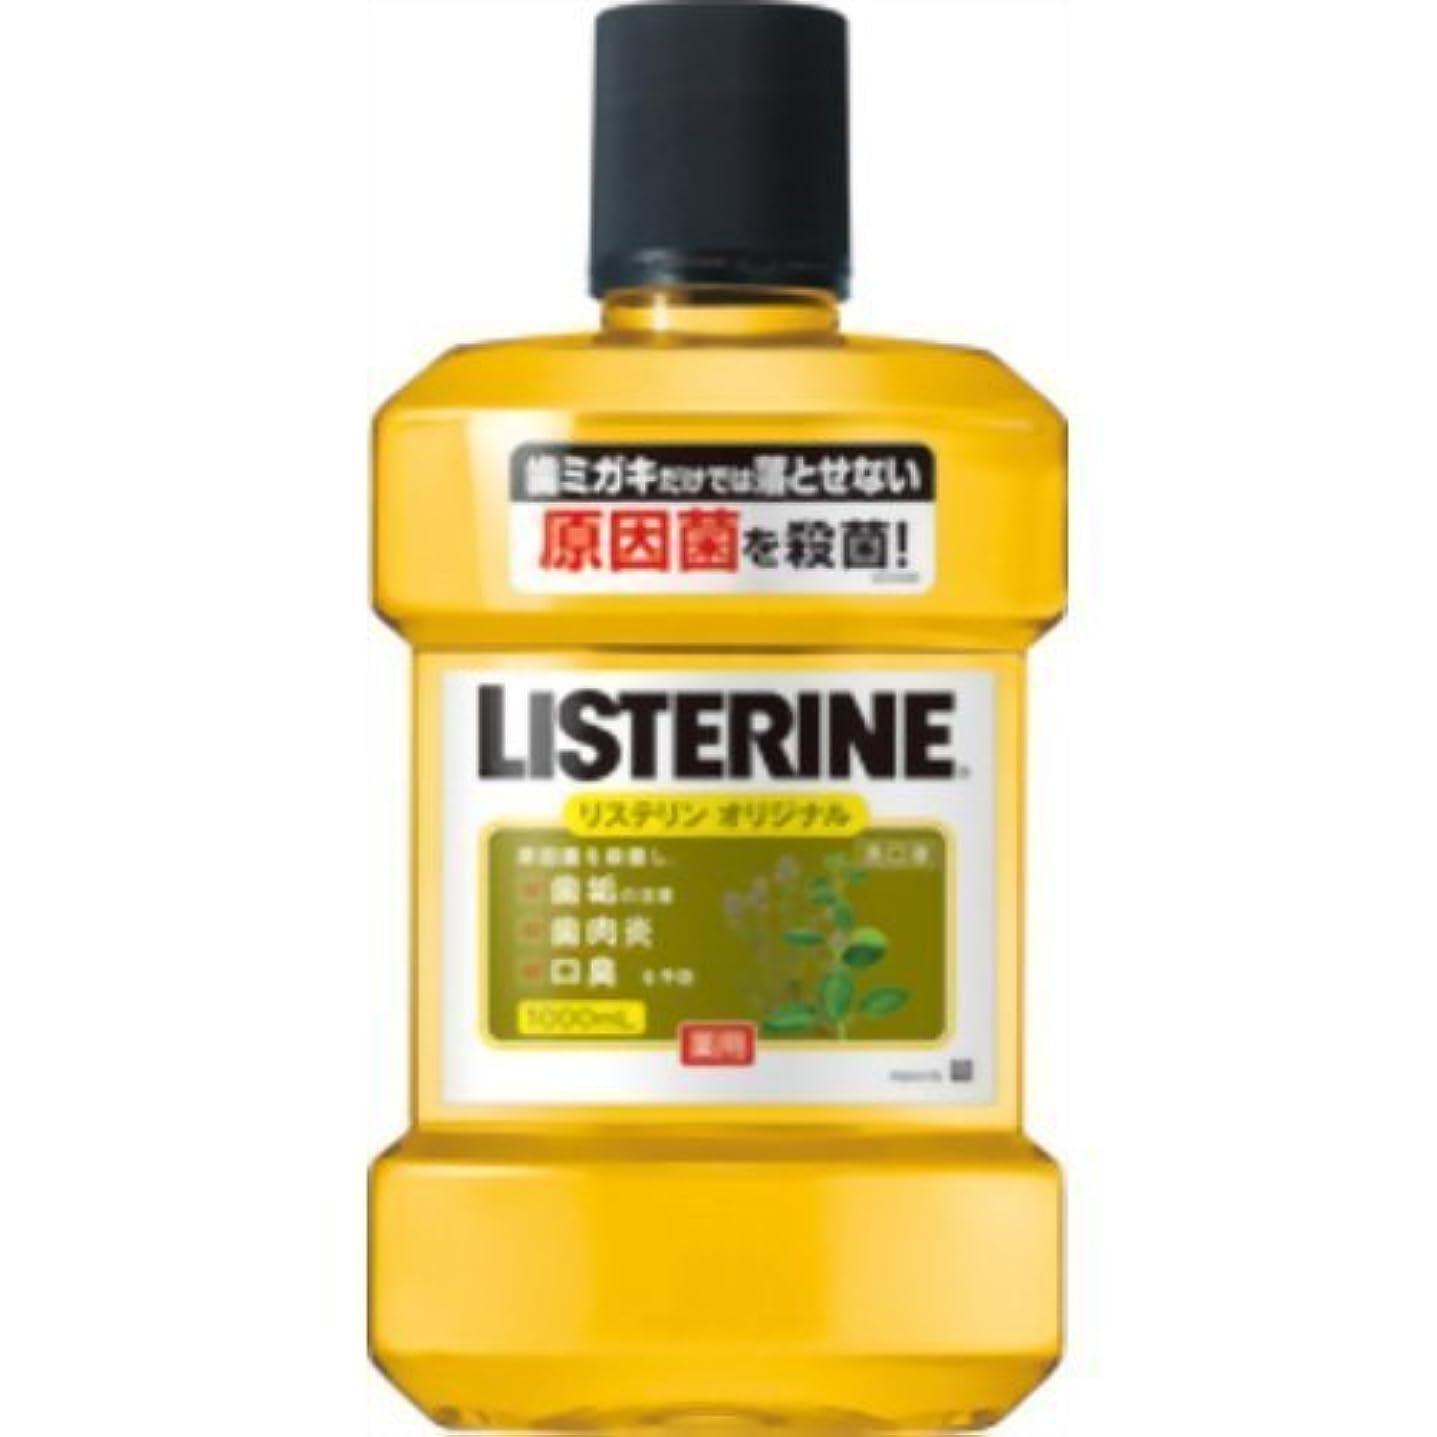 水素技術ワゴン薬用リステリン オリジナル 1000ml ×5個セット